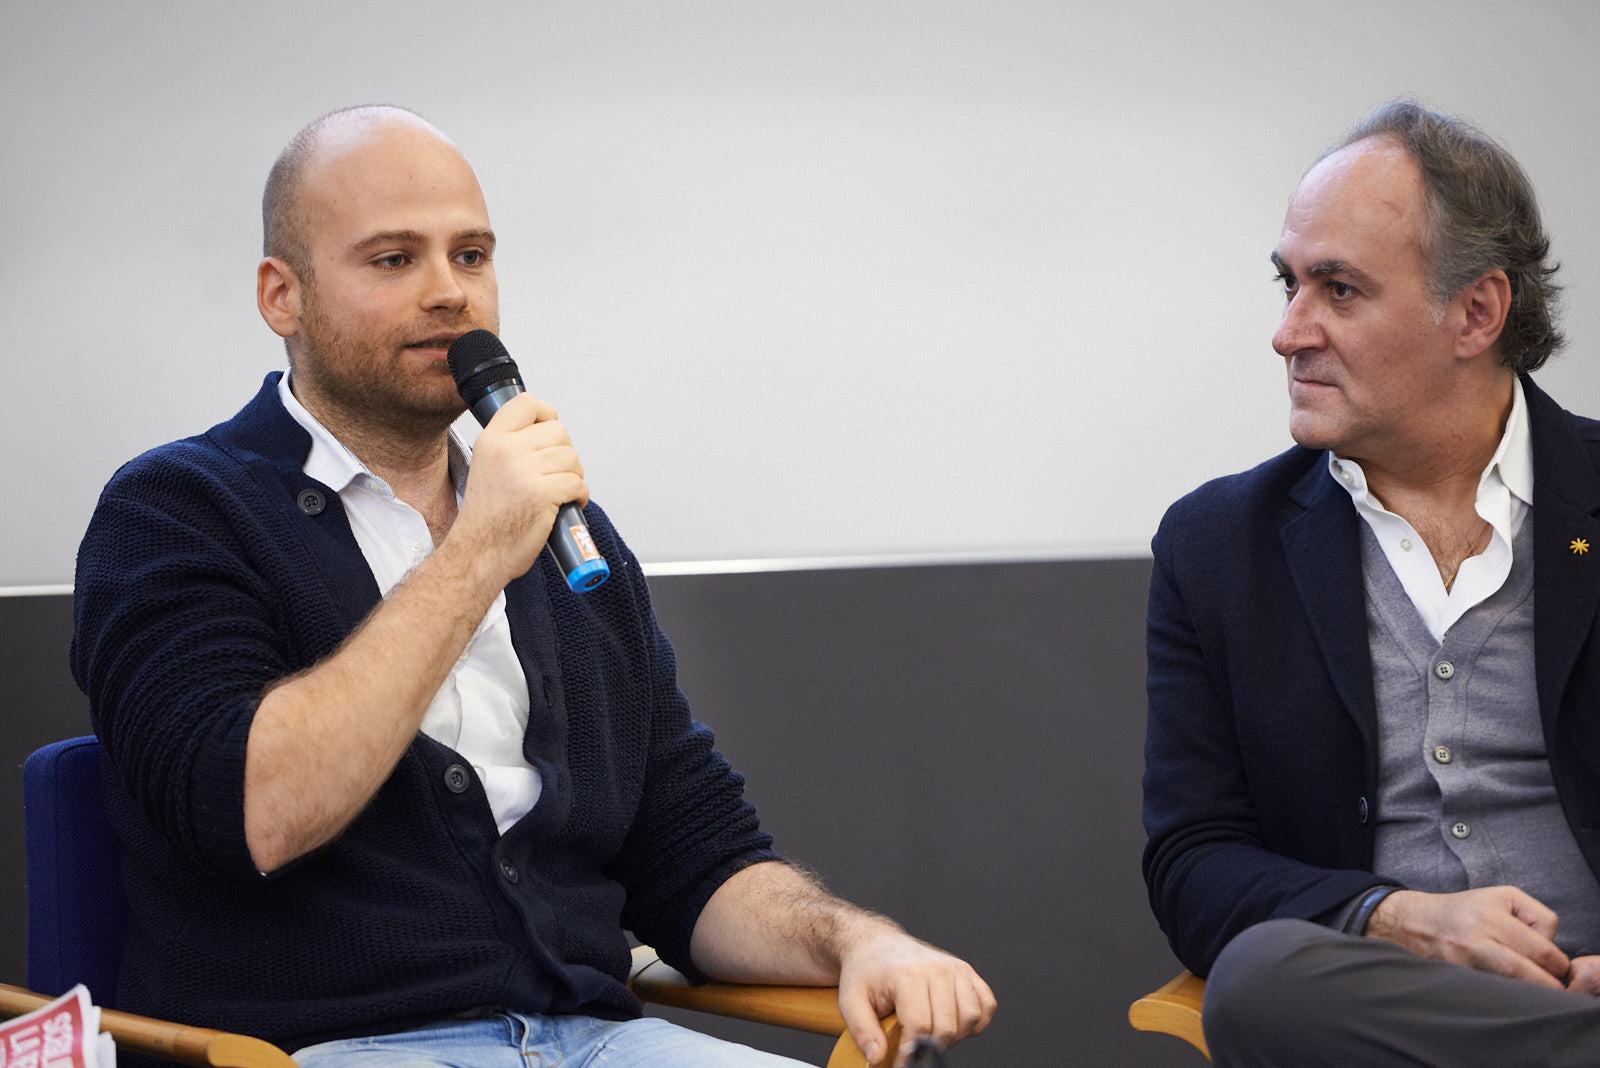 """Adam Smulevich, journalist and author of the book """"Un calcio al razzismo. 20 lezioni contro l'odio"""""""